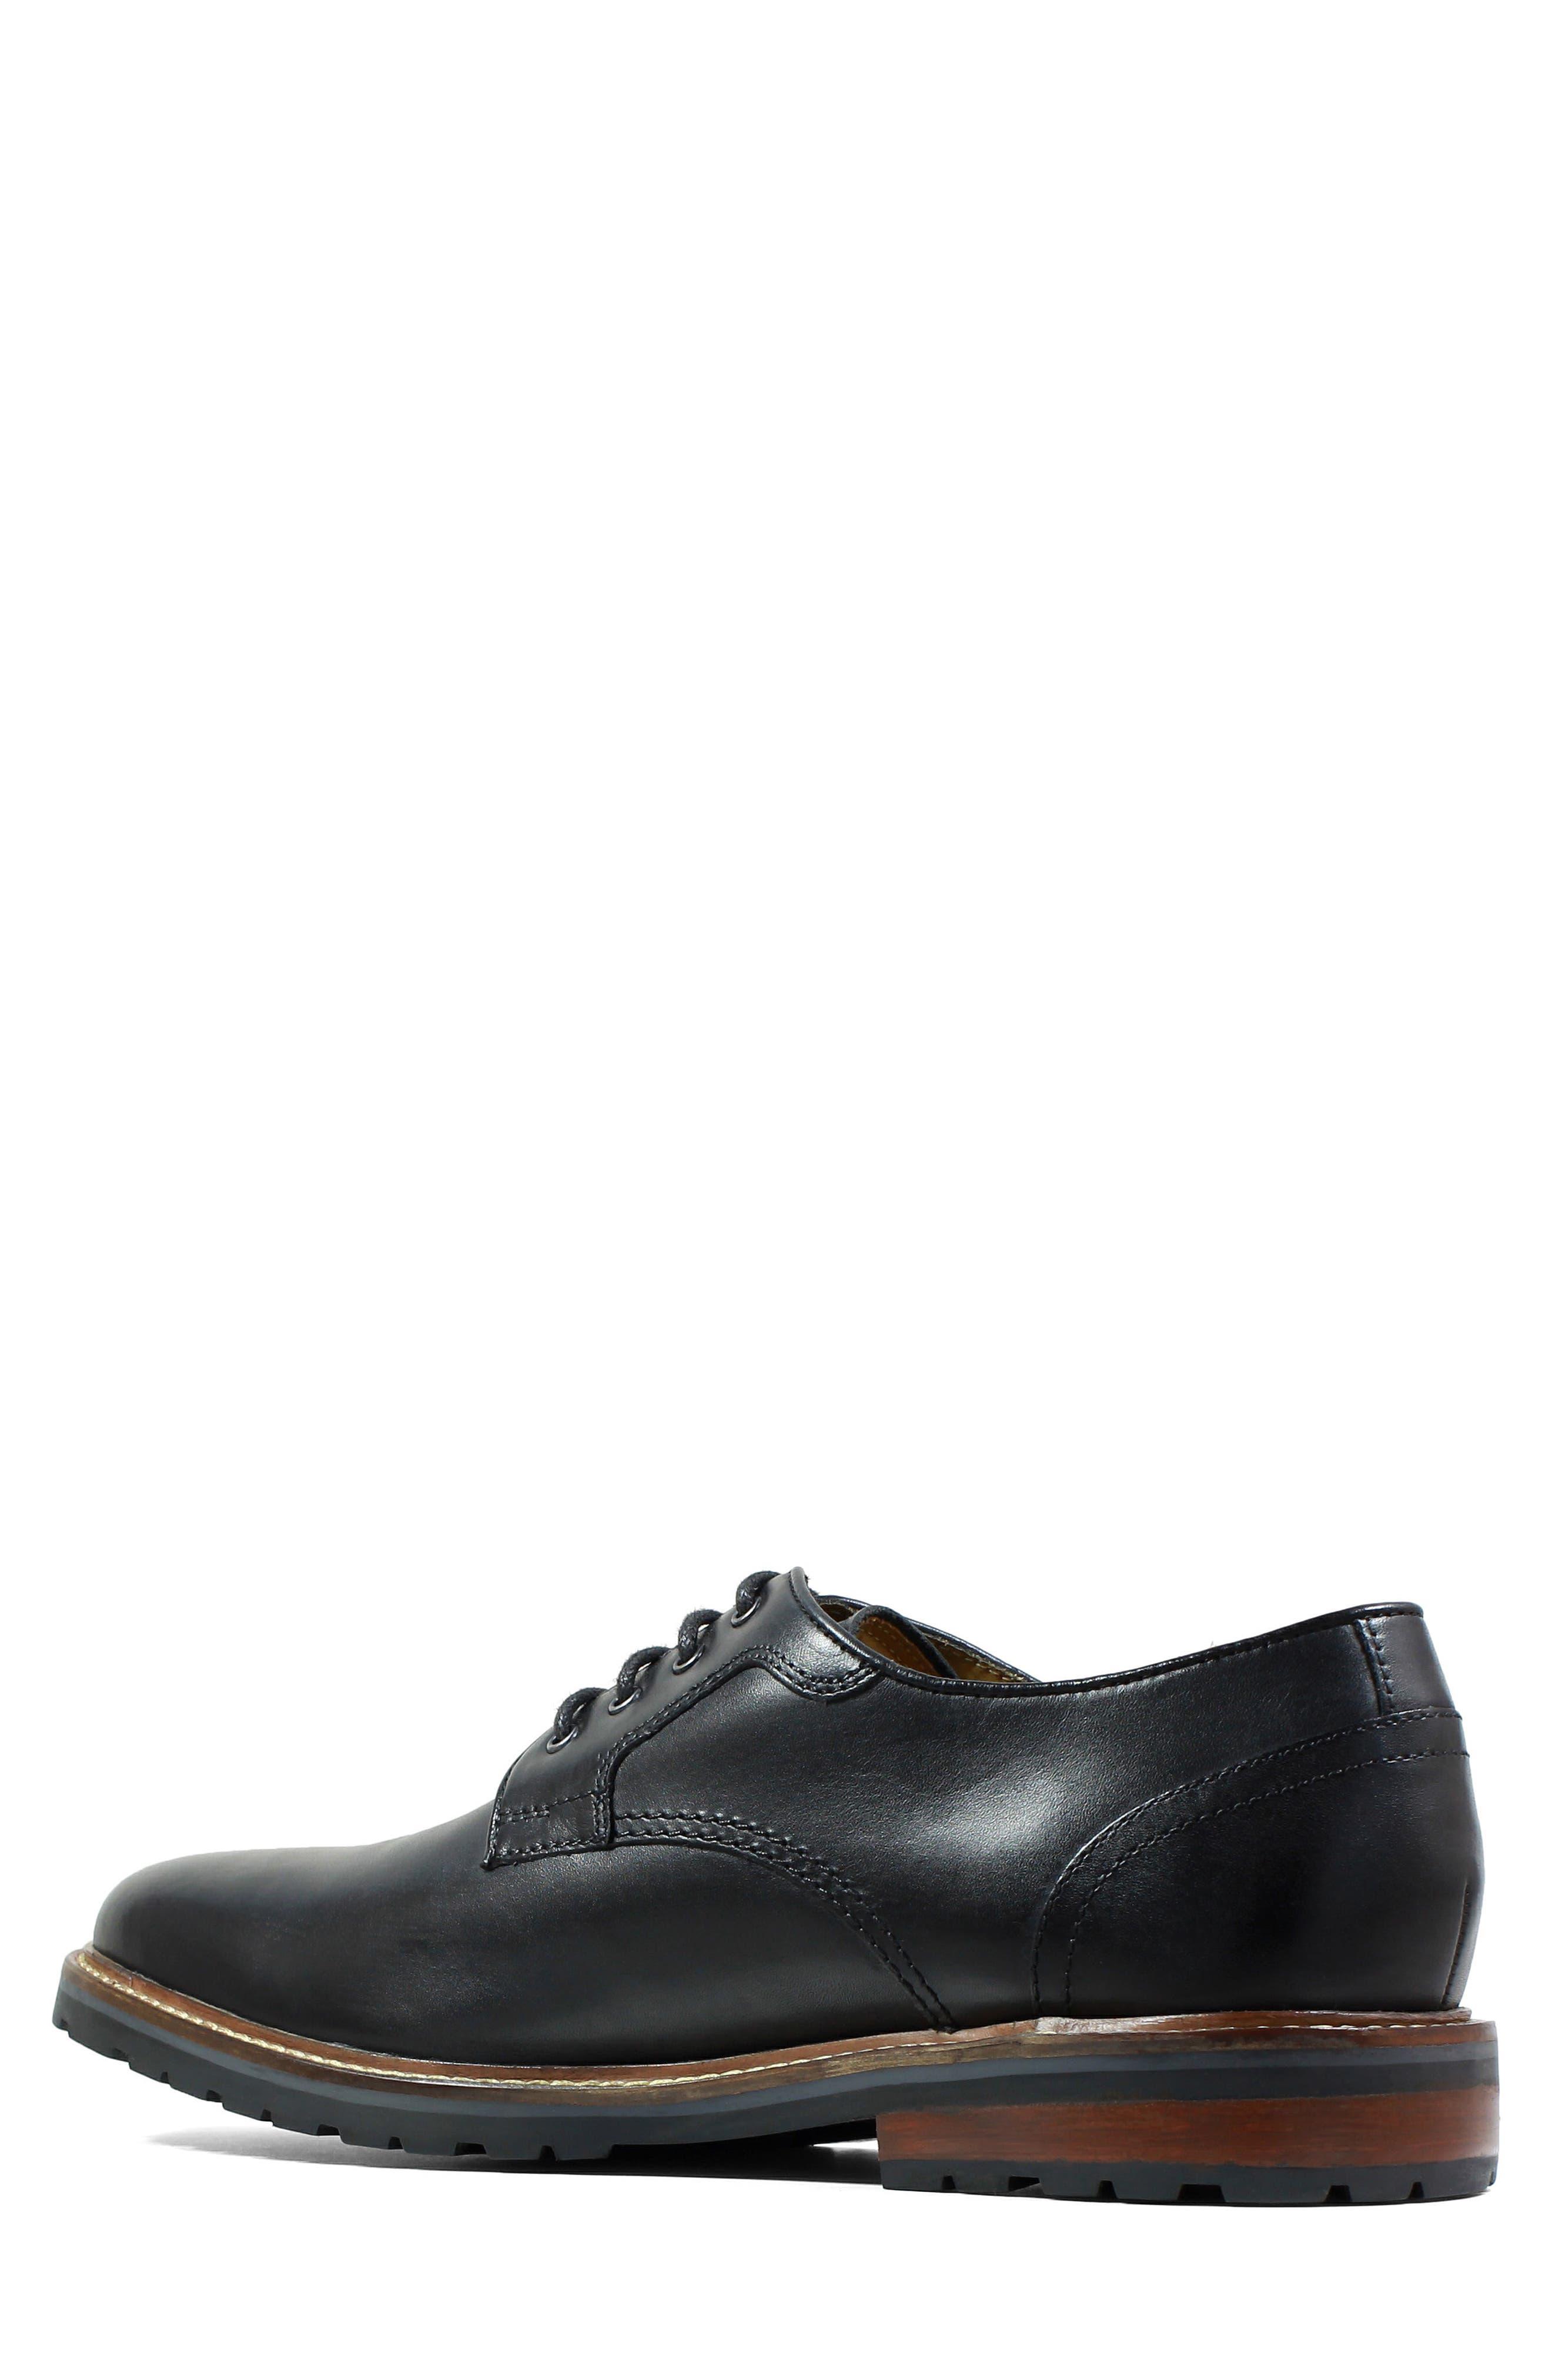 Estabrook Plain Toe Derby,                             Alternate thumbnail 2, color,                             Black